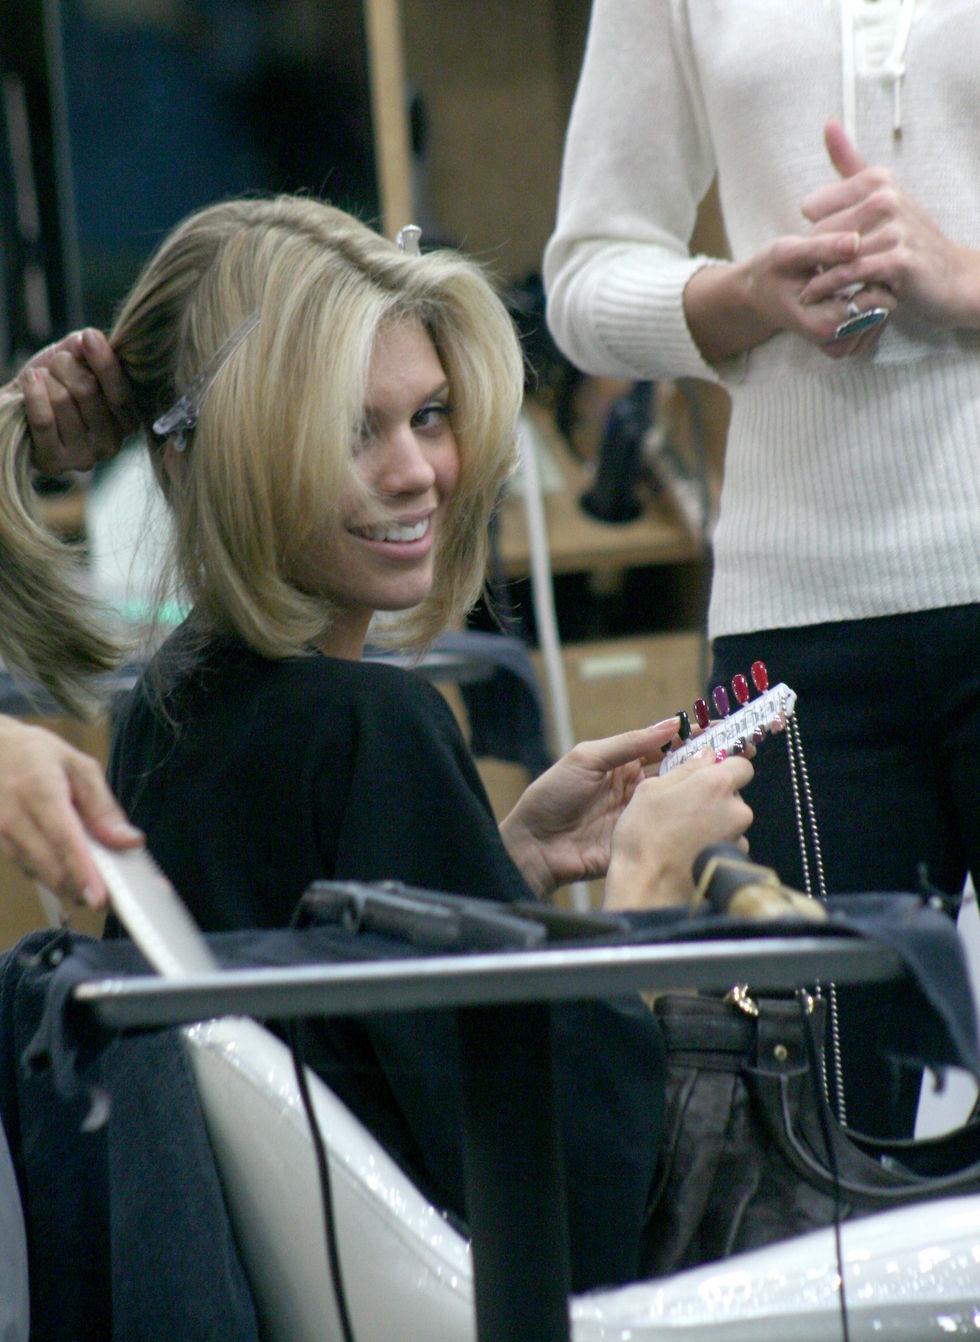 annalynne-mccord-leggy-at-gavert-atelier-salon-in-beverly-hills-05